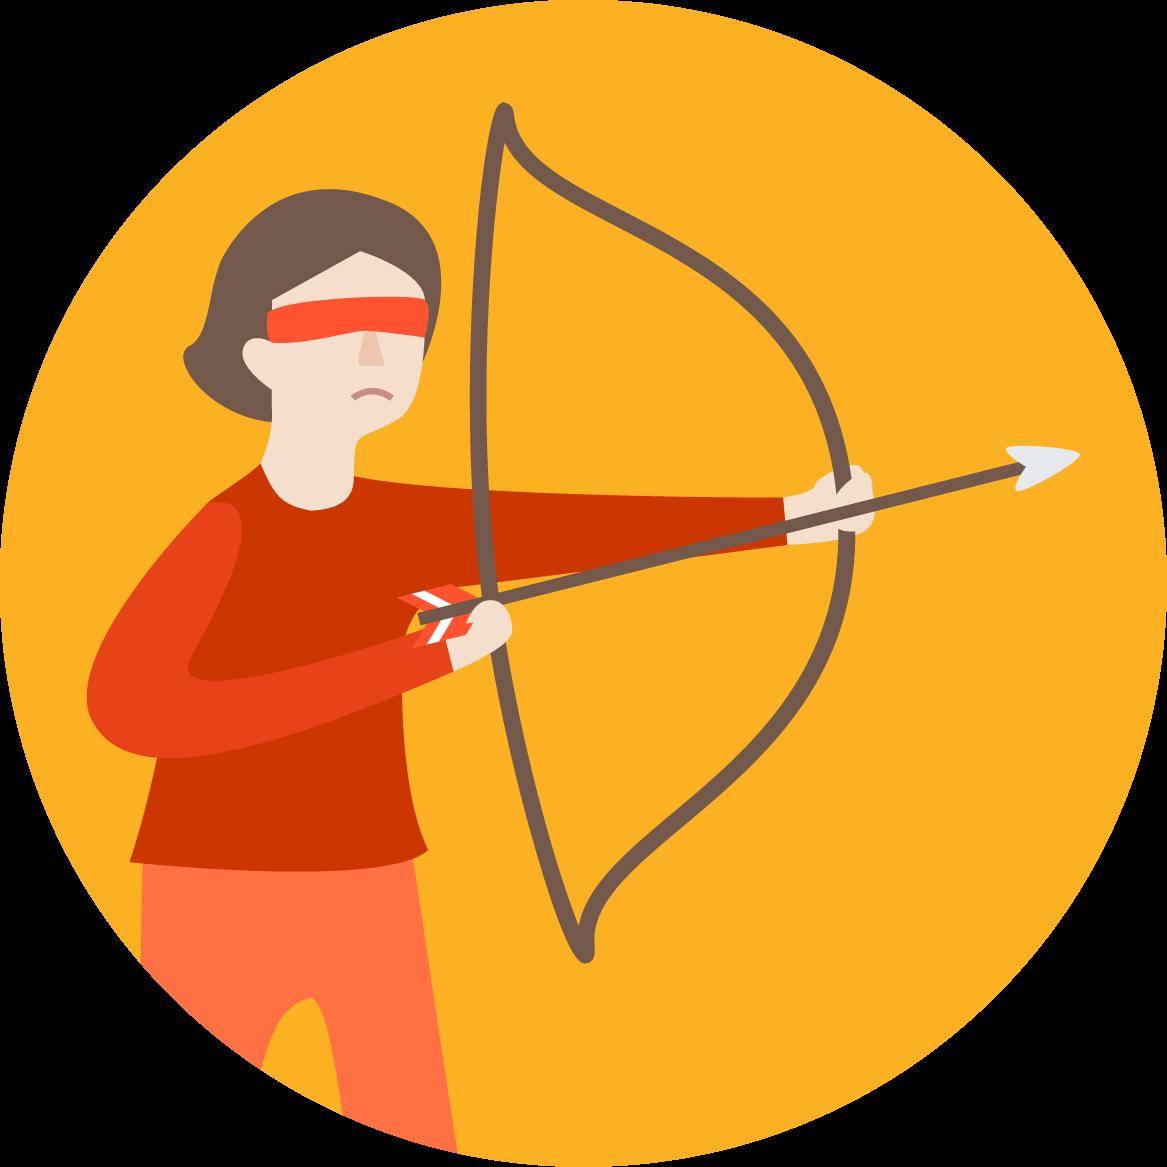 Cliquez ici pour découvrir les activités de team building qui vous empêchent de «tirer à l'aveugle» lorsqu'il est question de vos clients.